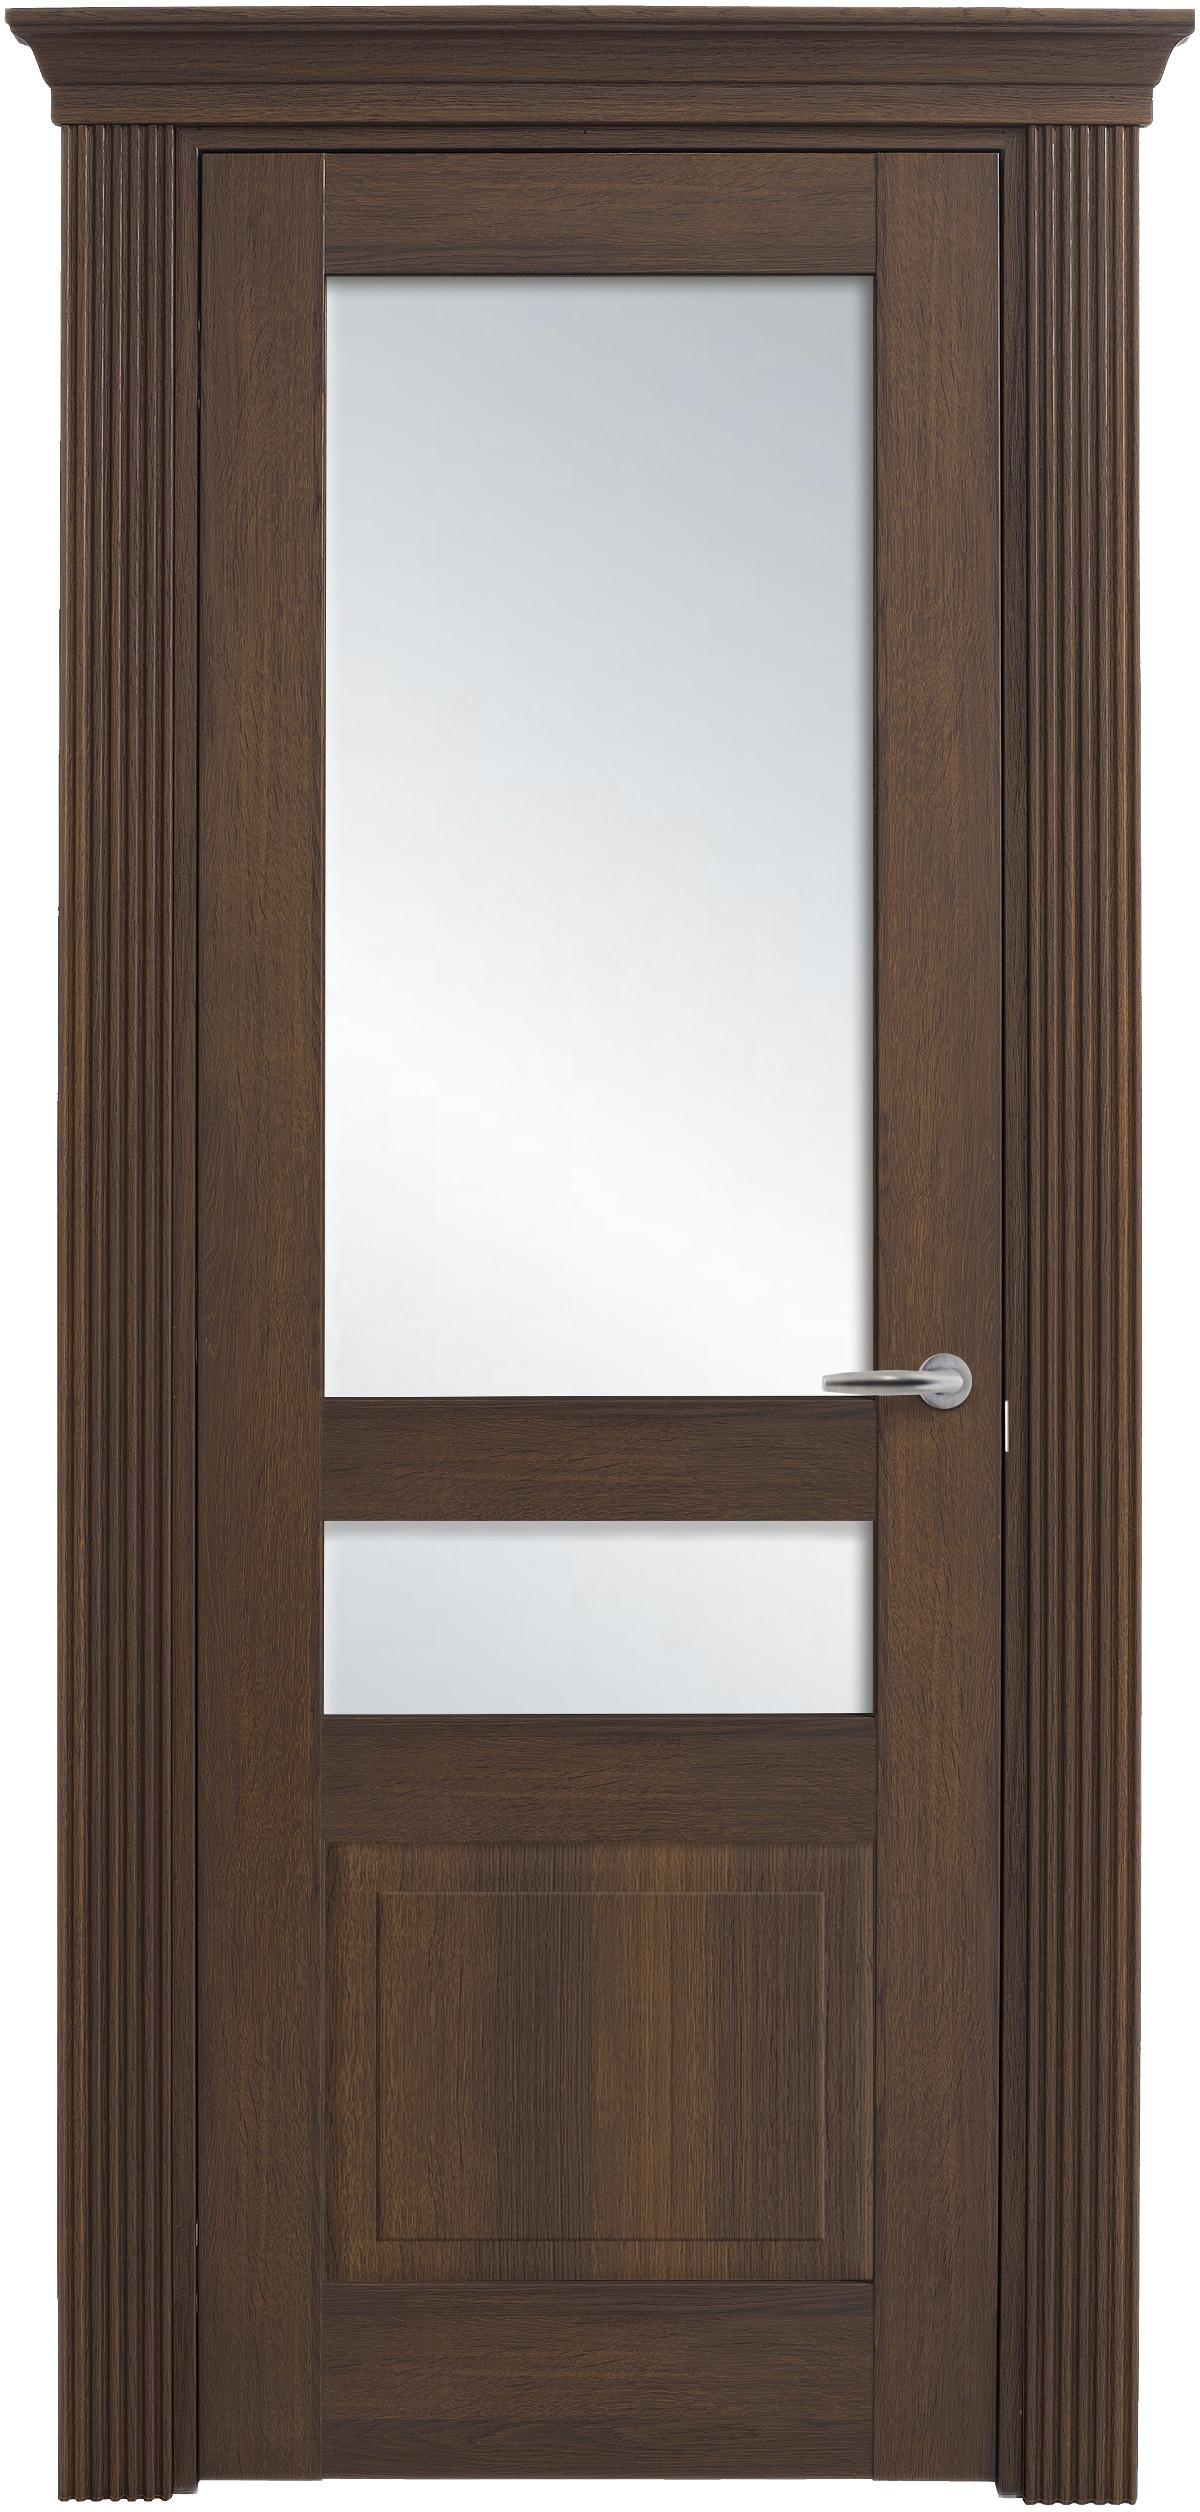 Межкомнатная / входная дверь, отделка: экошпон ГРЕЧЕСКИЙ ОРЕХ, Solo Classic 2SFnP-2